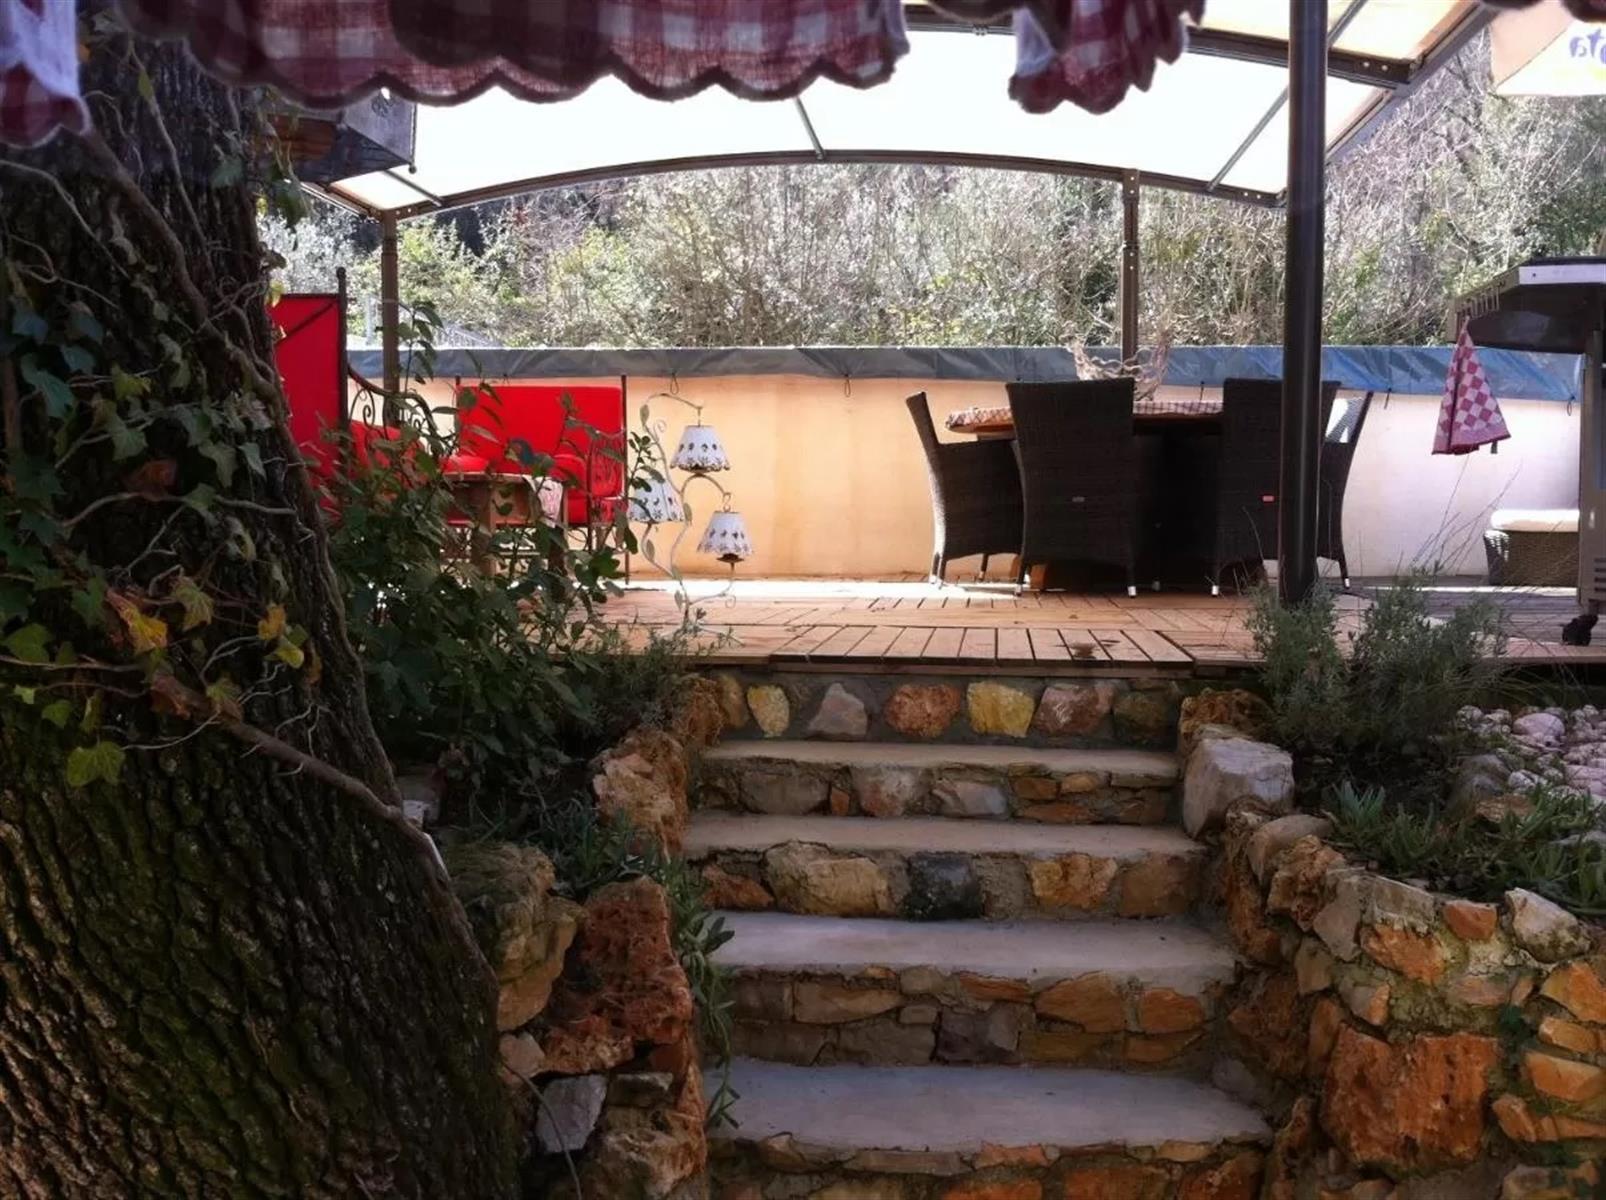 Maison de vacances - Callas - #4288981-8